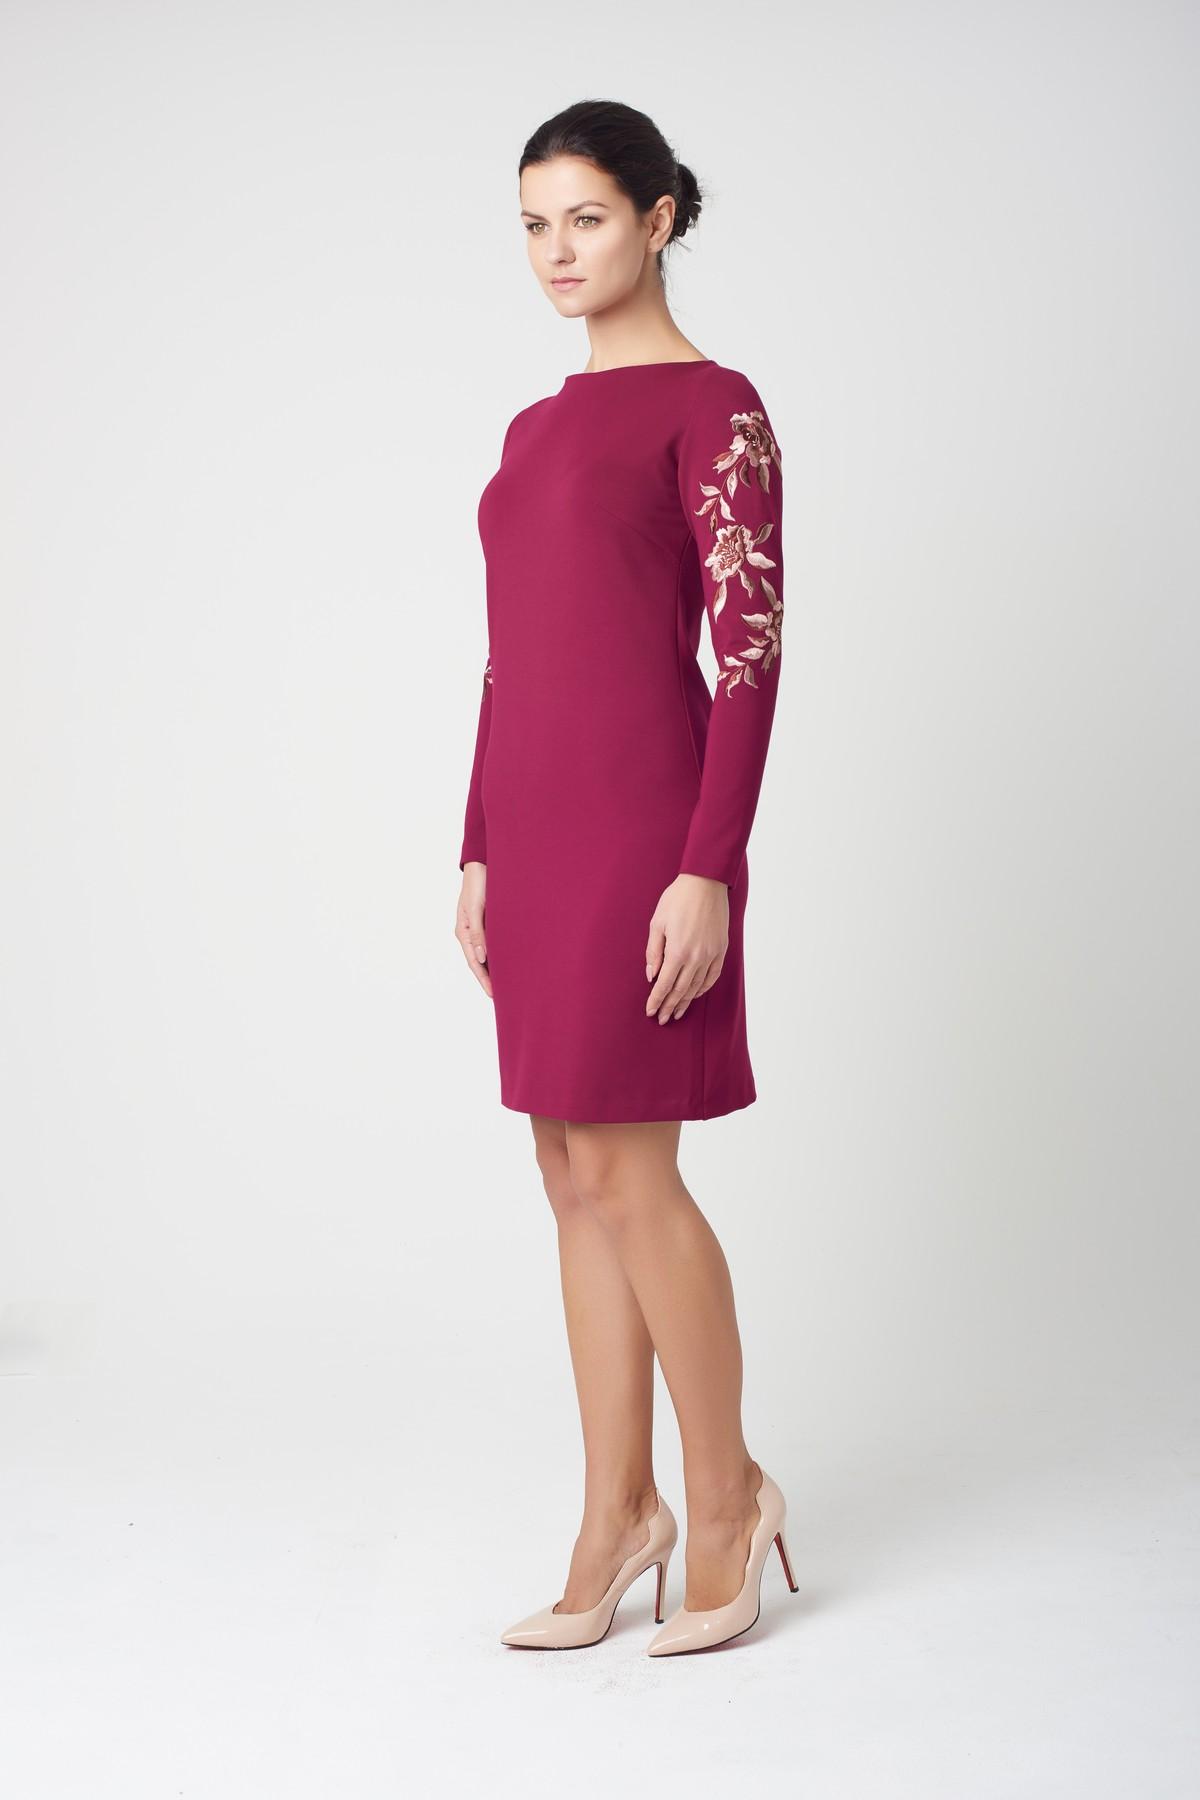 Платья женские нарядные повседневные оптом от производителя